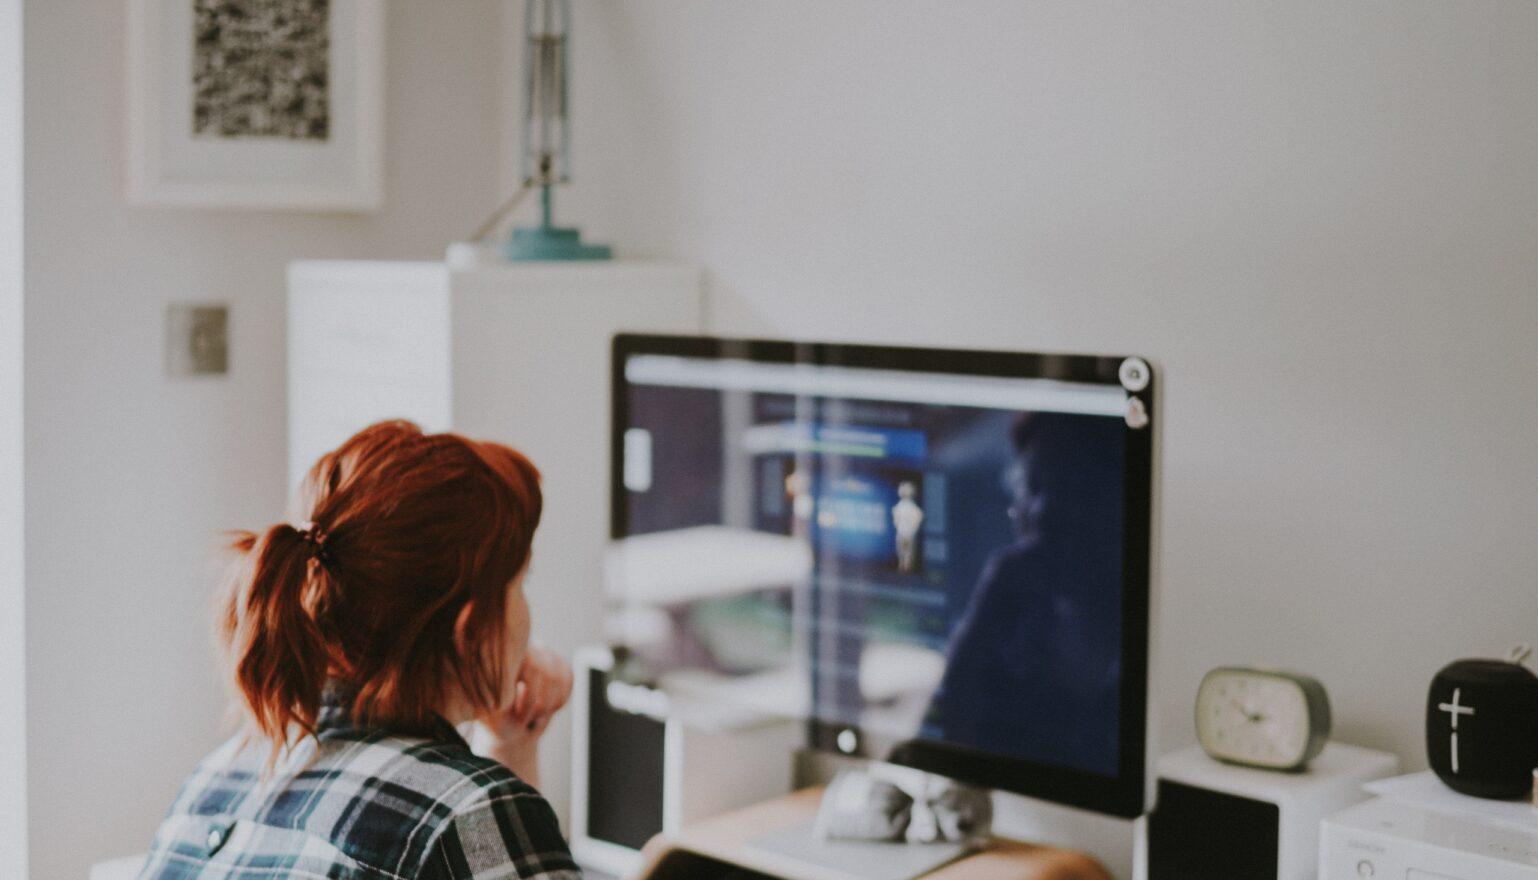 Kaugtöö peavalu põhjustab üle töötamine